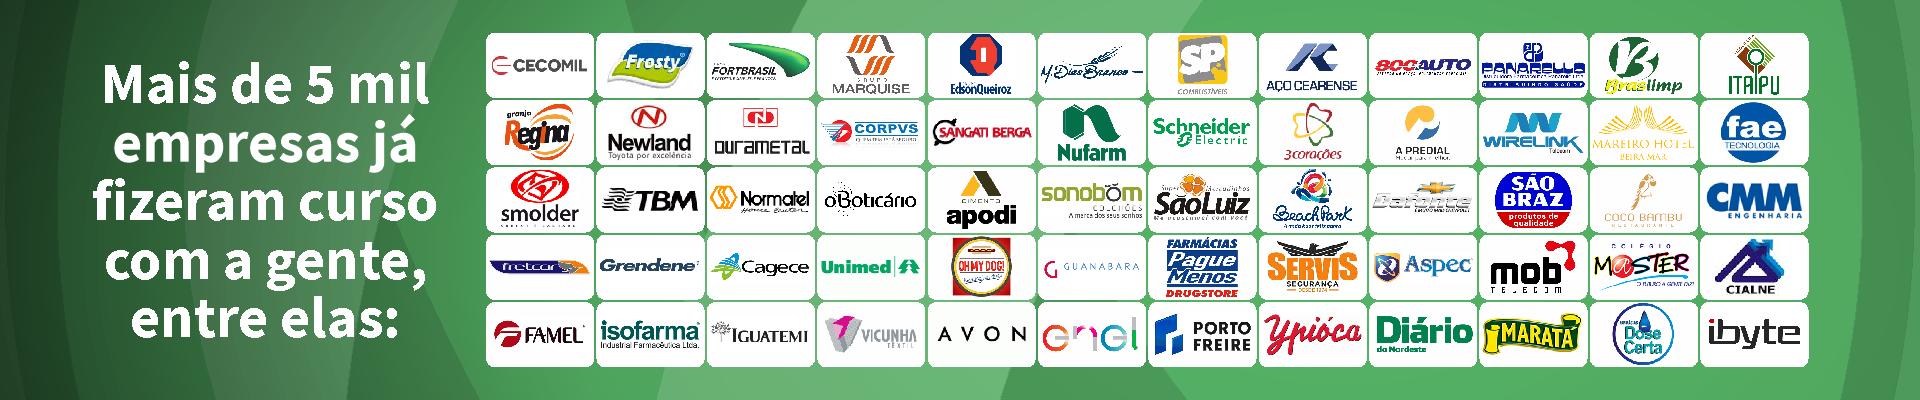 Mais de 5 mil empresas já fizeram curso com a gente